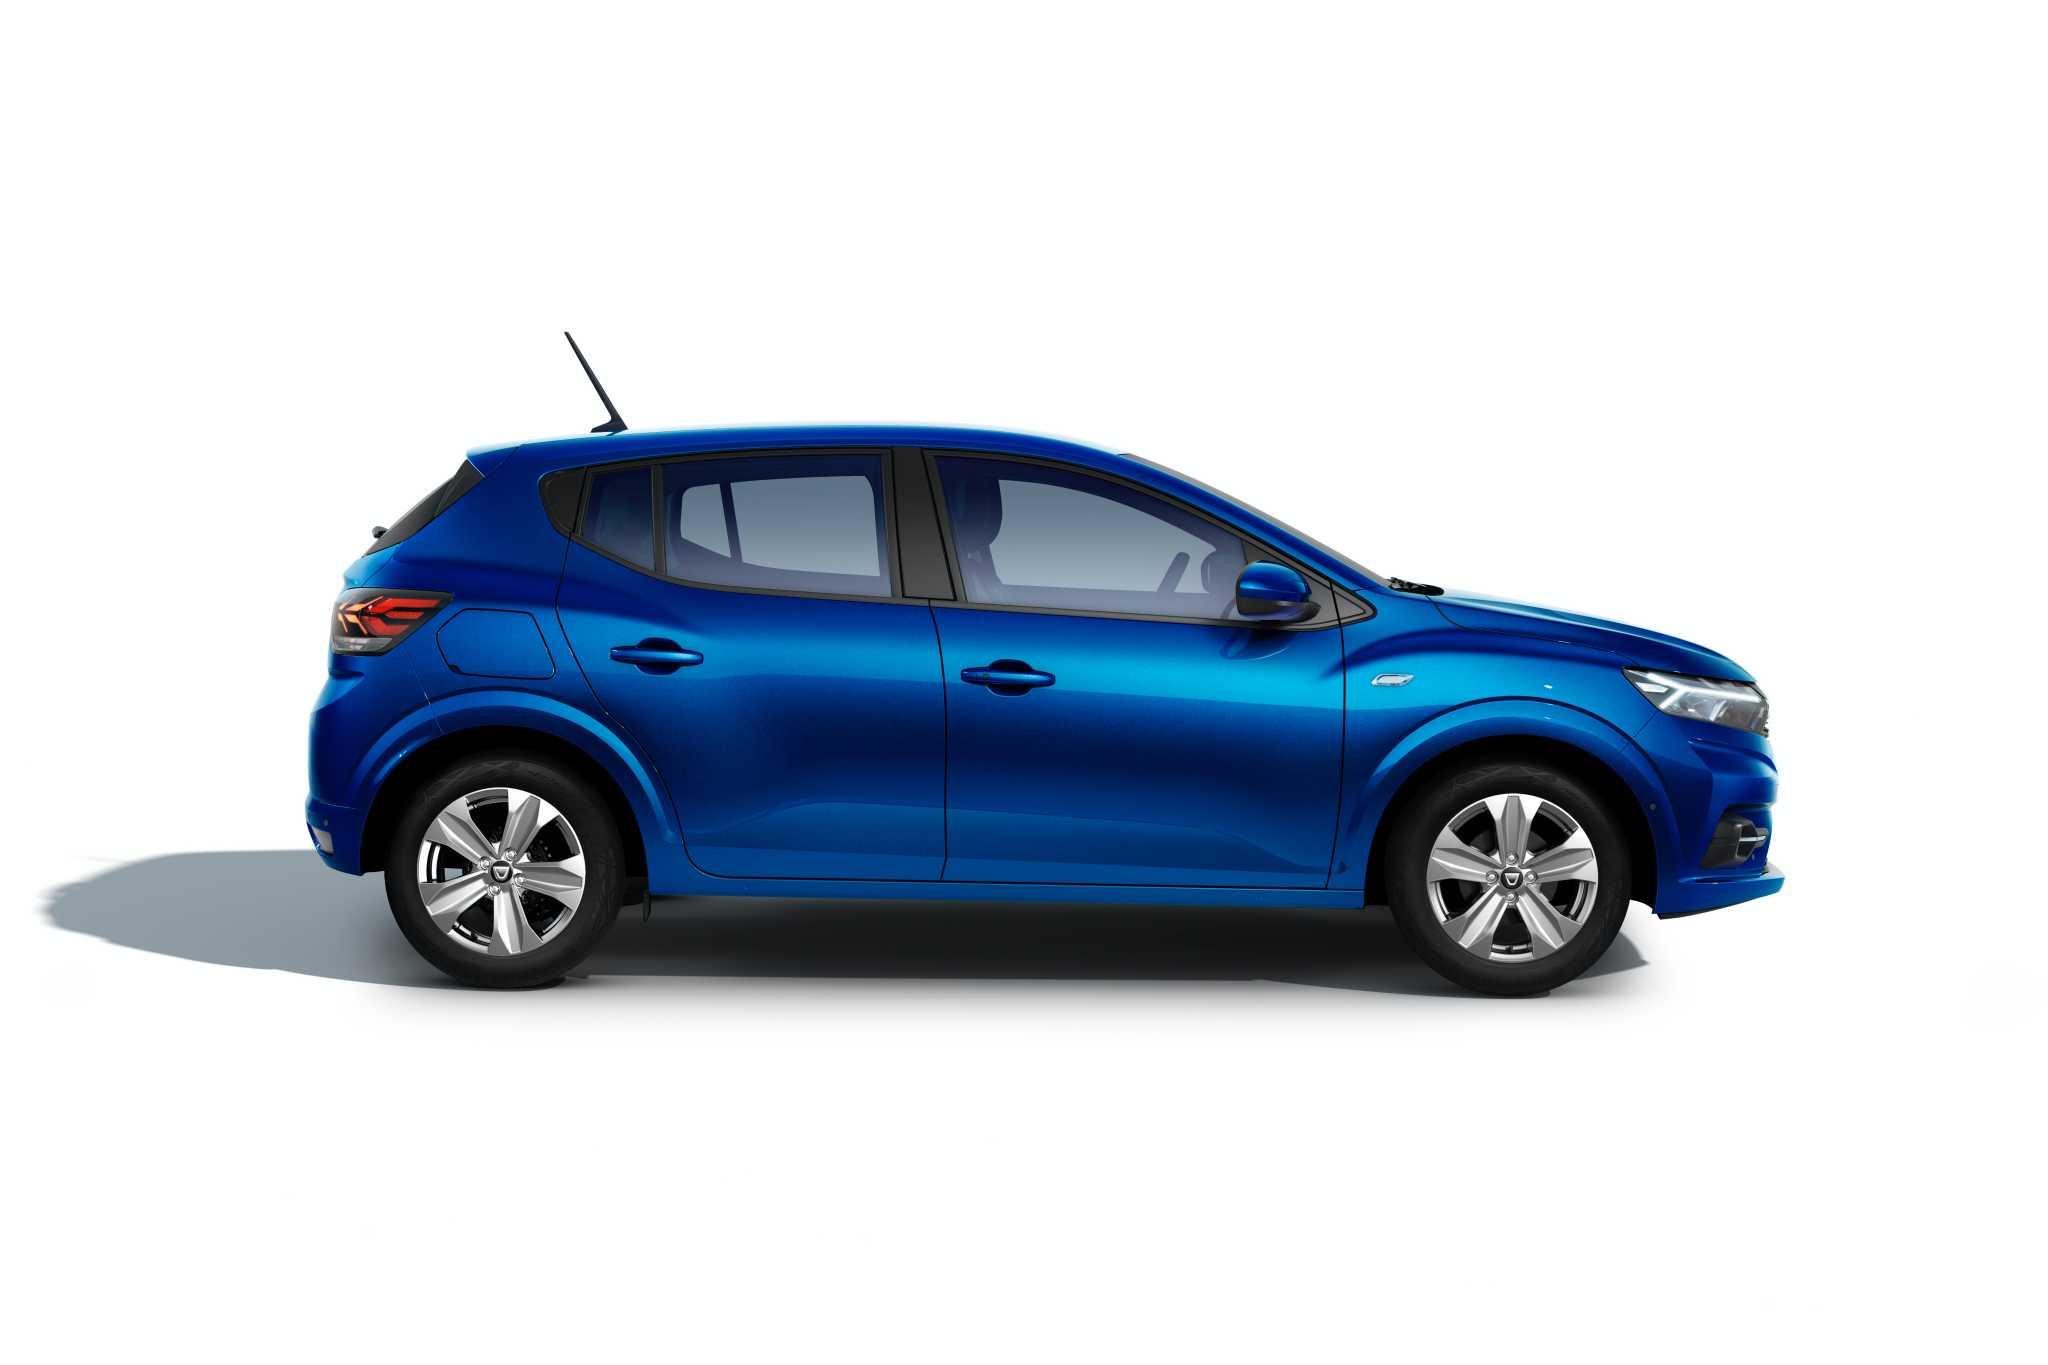 Cât costă noua generație Dacia Sandero